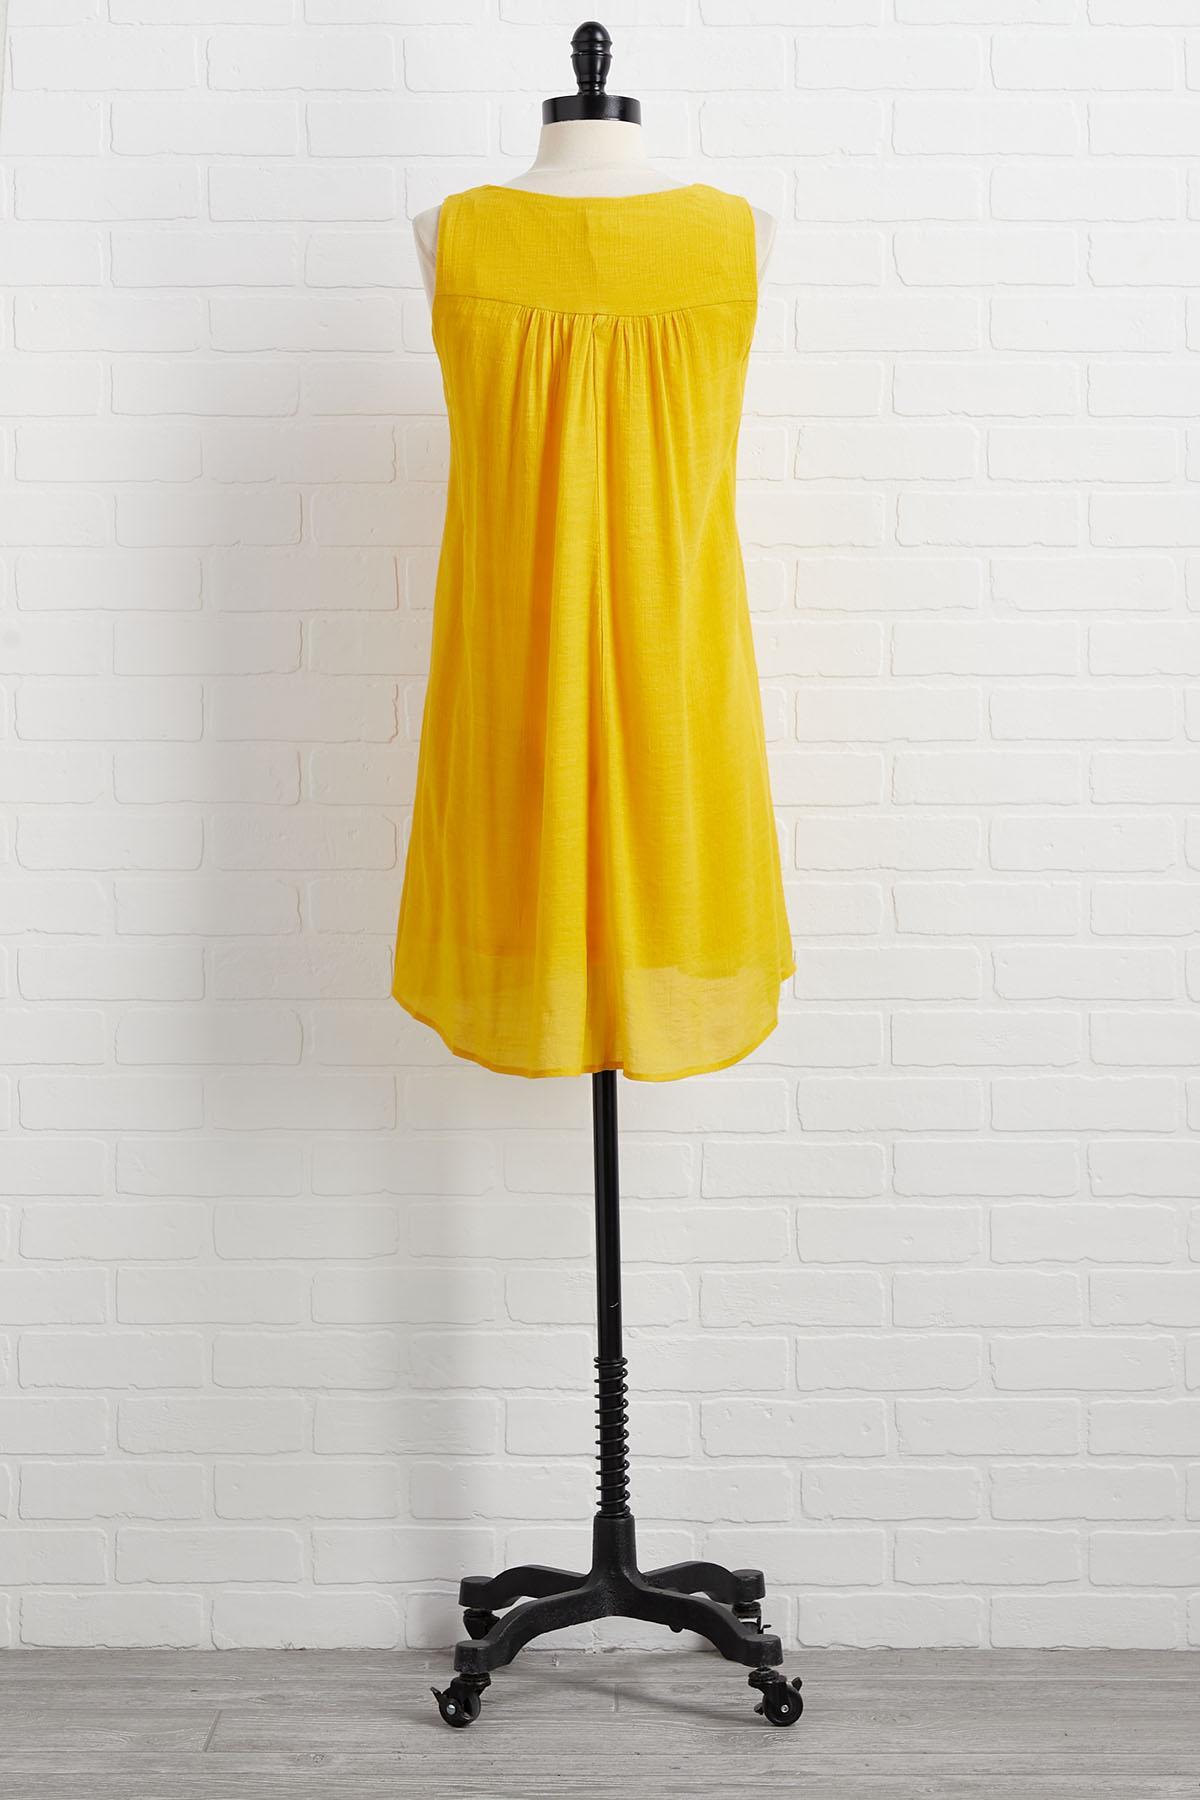 Golden Hour Dress